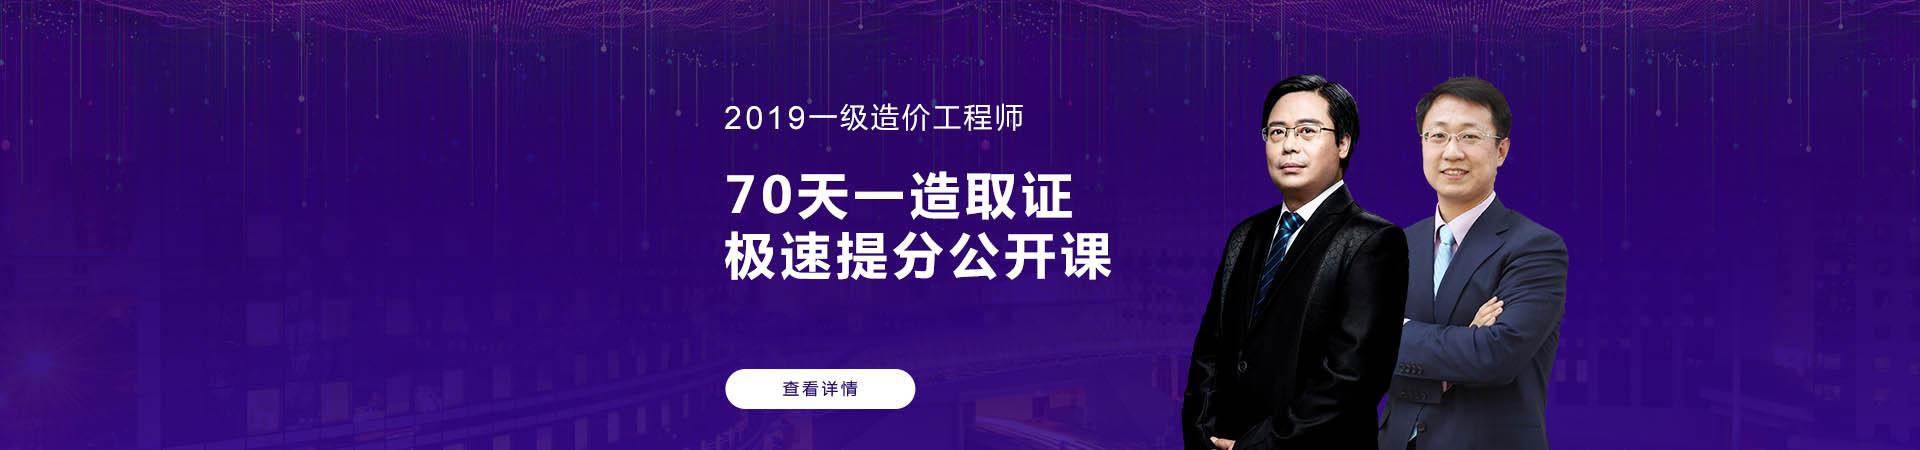 2019环球网校造价师课件